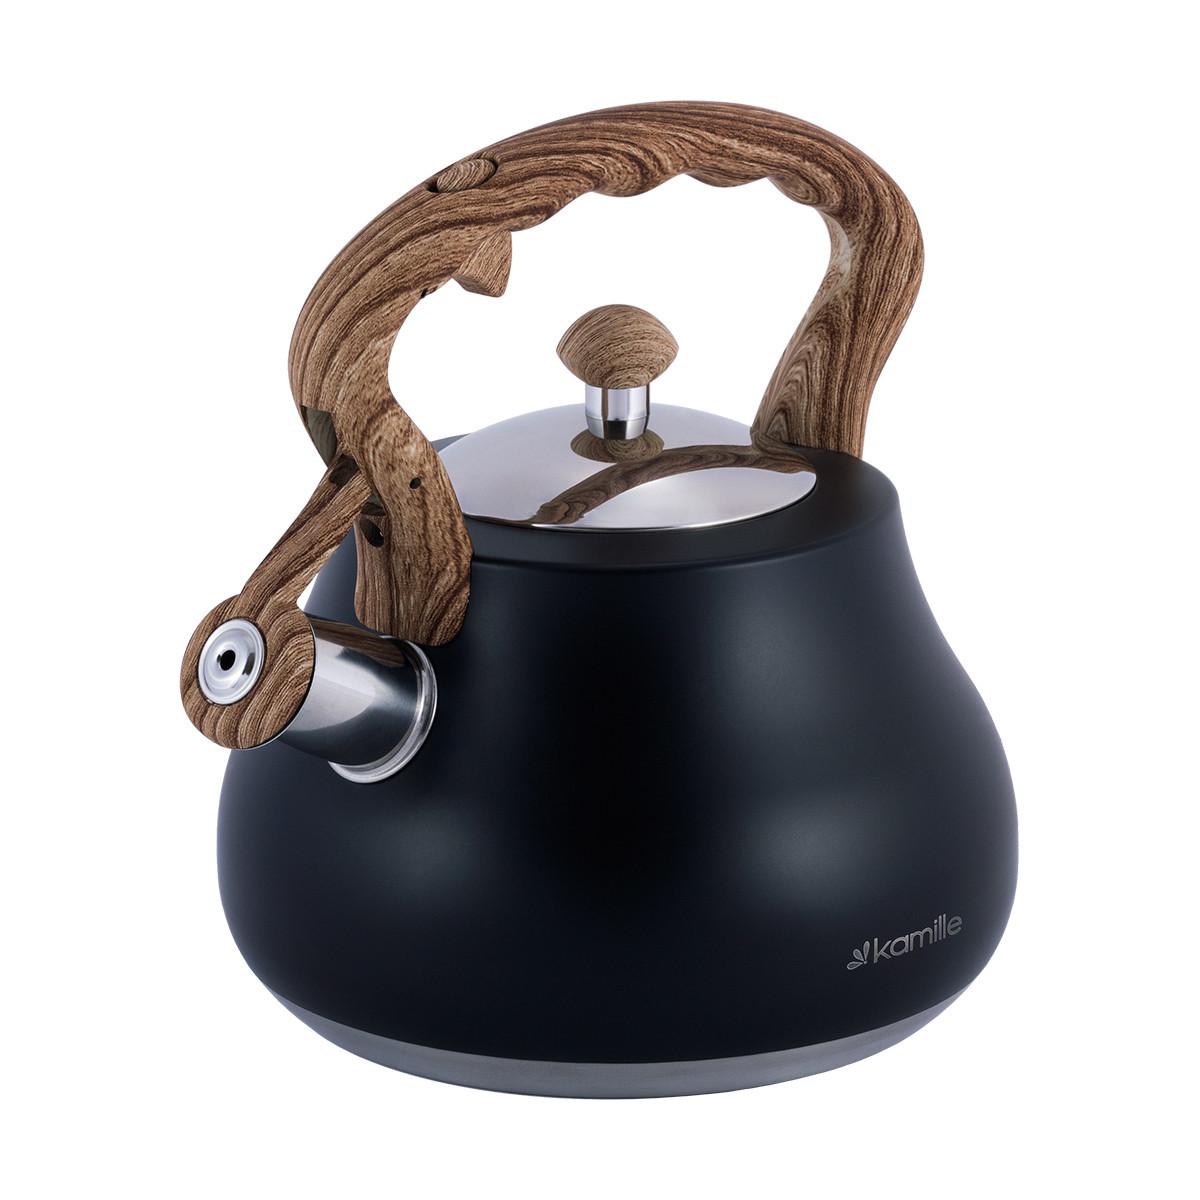 Чайник Kamille из нержавеющей стали 2,7 л (1092)